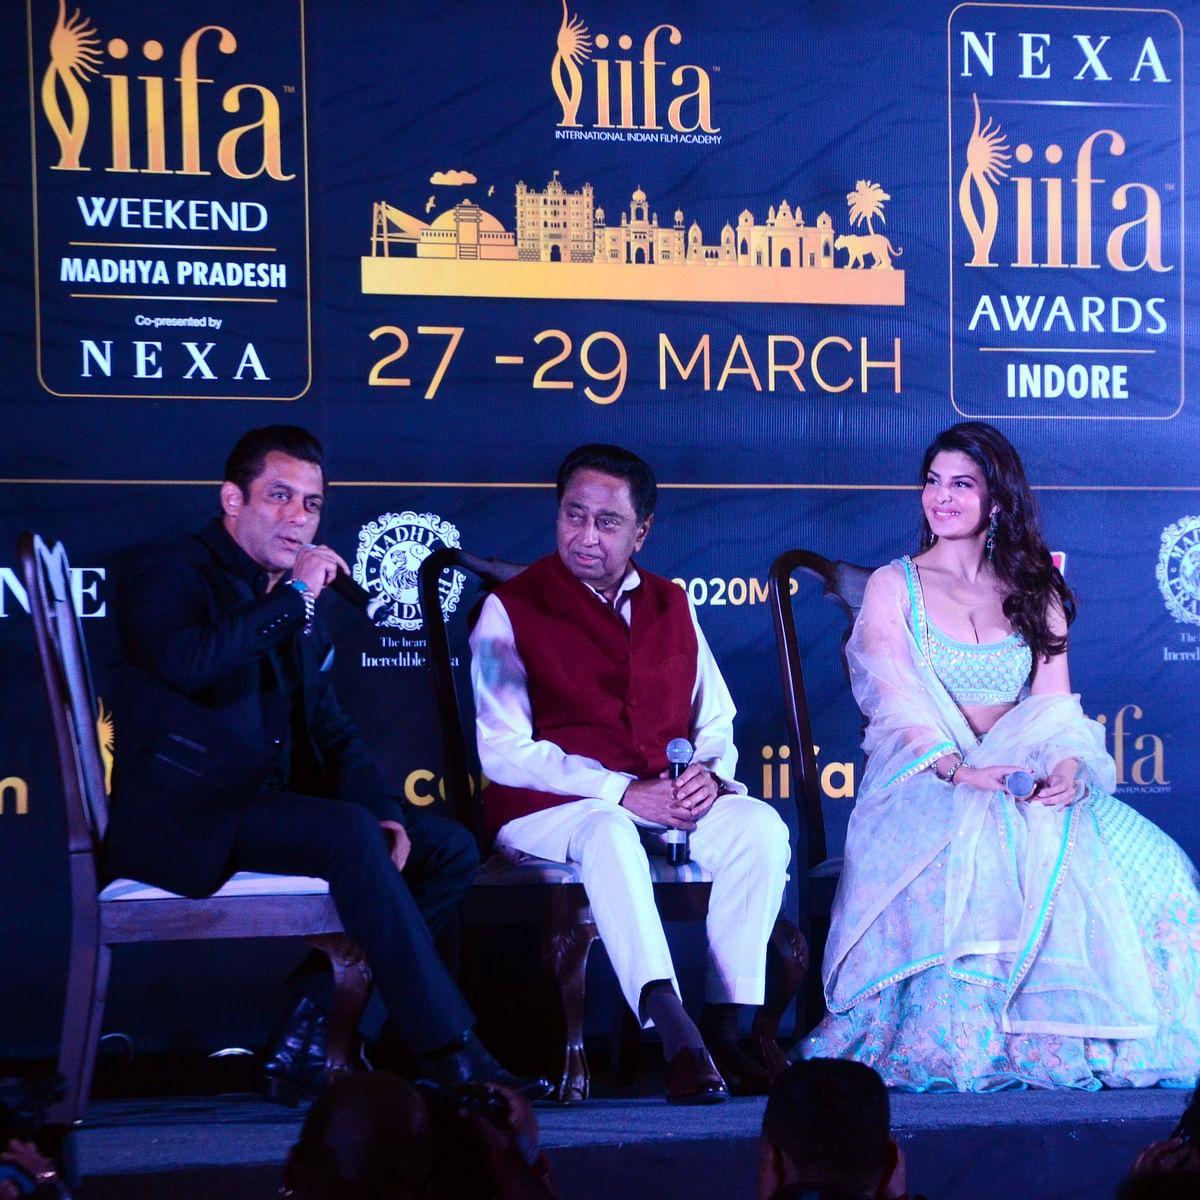 Made no financial provision for IIFA awards, says Kamal Nath